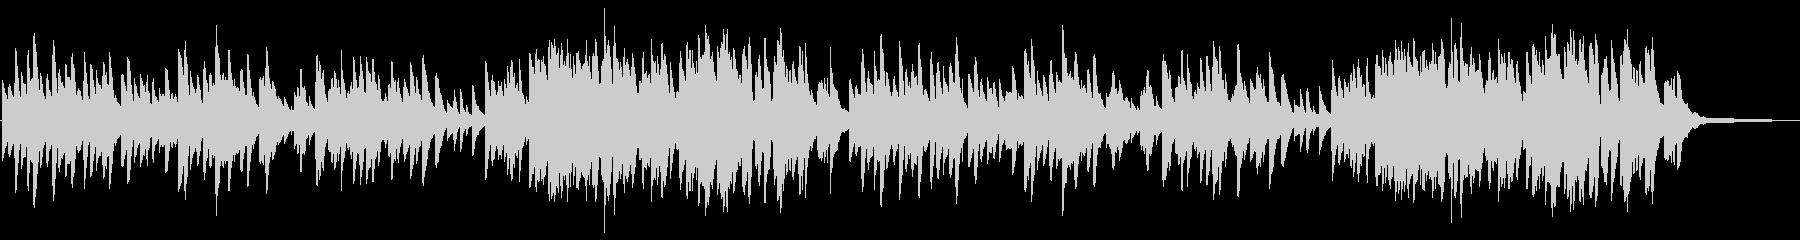 やさしい雰囲気のピアノ曲 3拍子の未再生の波形